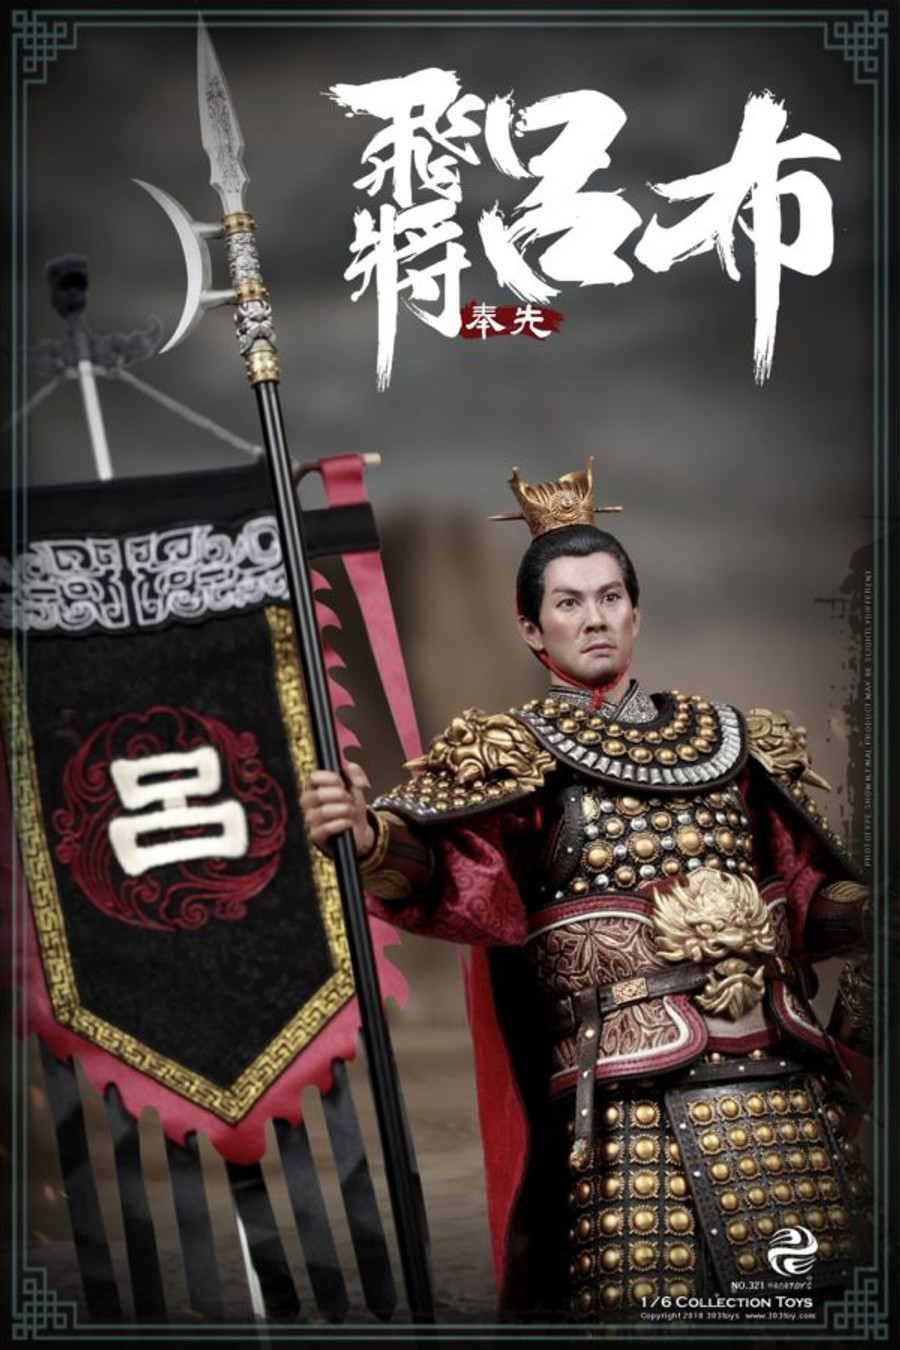 303 Toys - Soaring General LV BU A.K.A. Fenxian Set